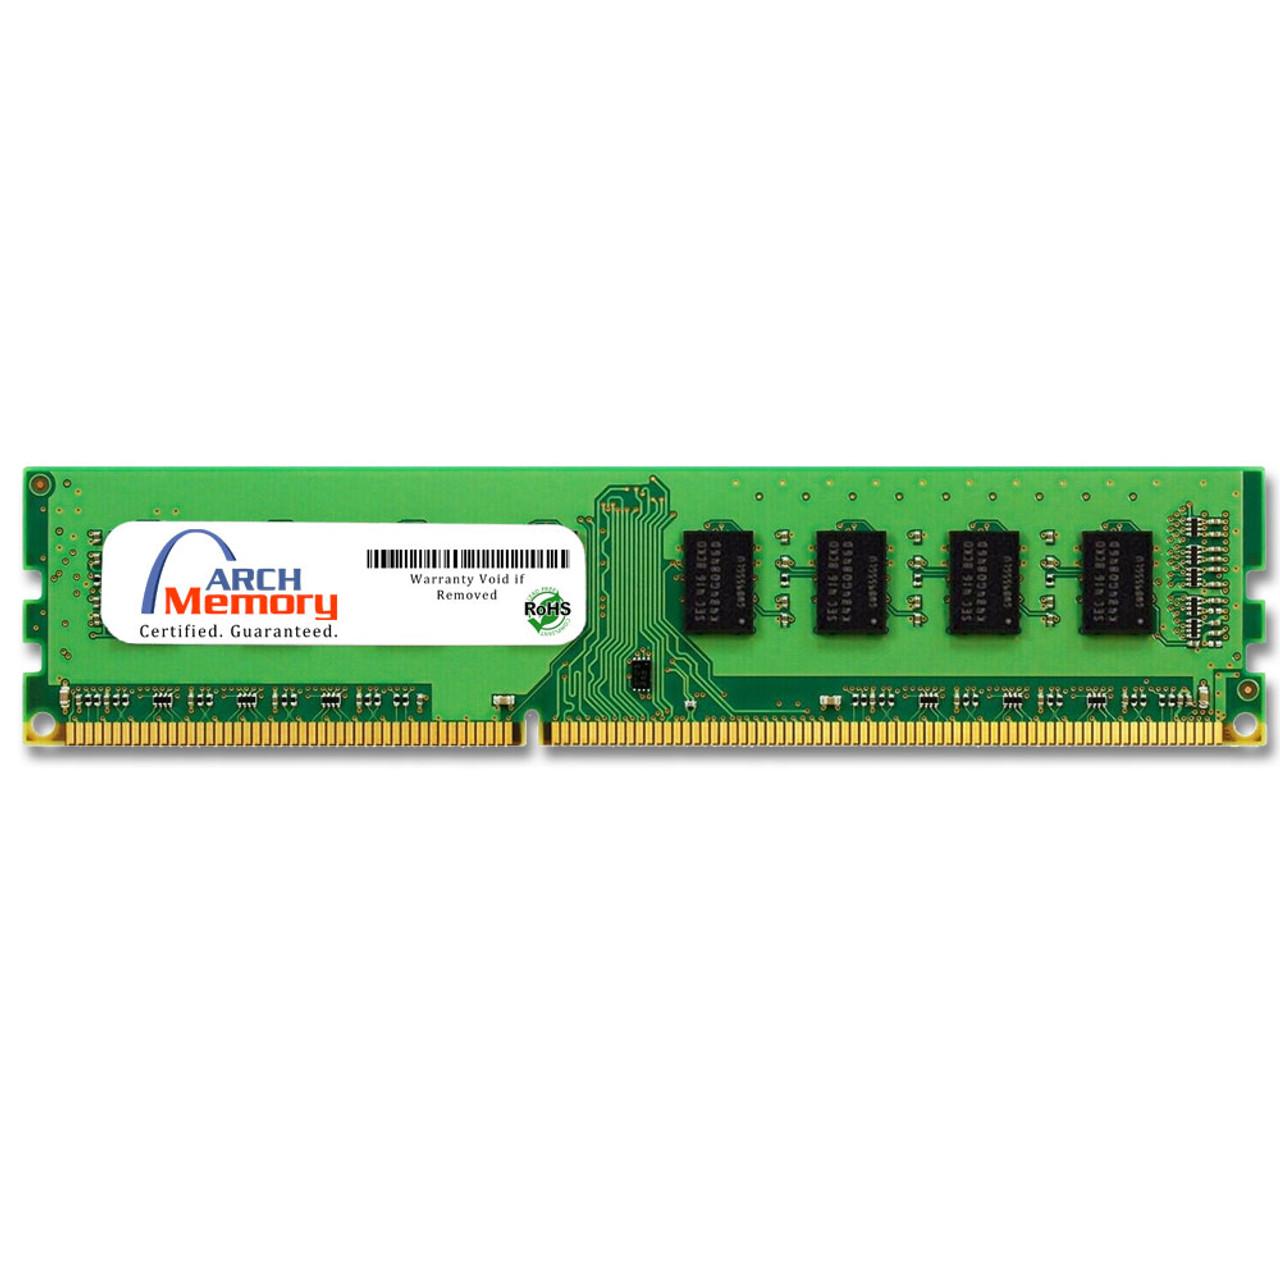 4GB 240-Pin DDR3-1600 PC3-12800 UDIMM RAM